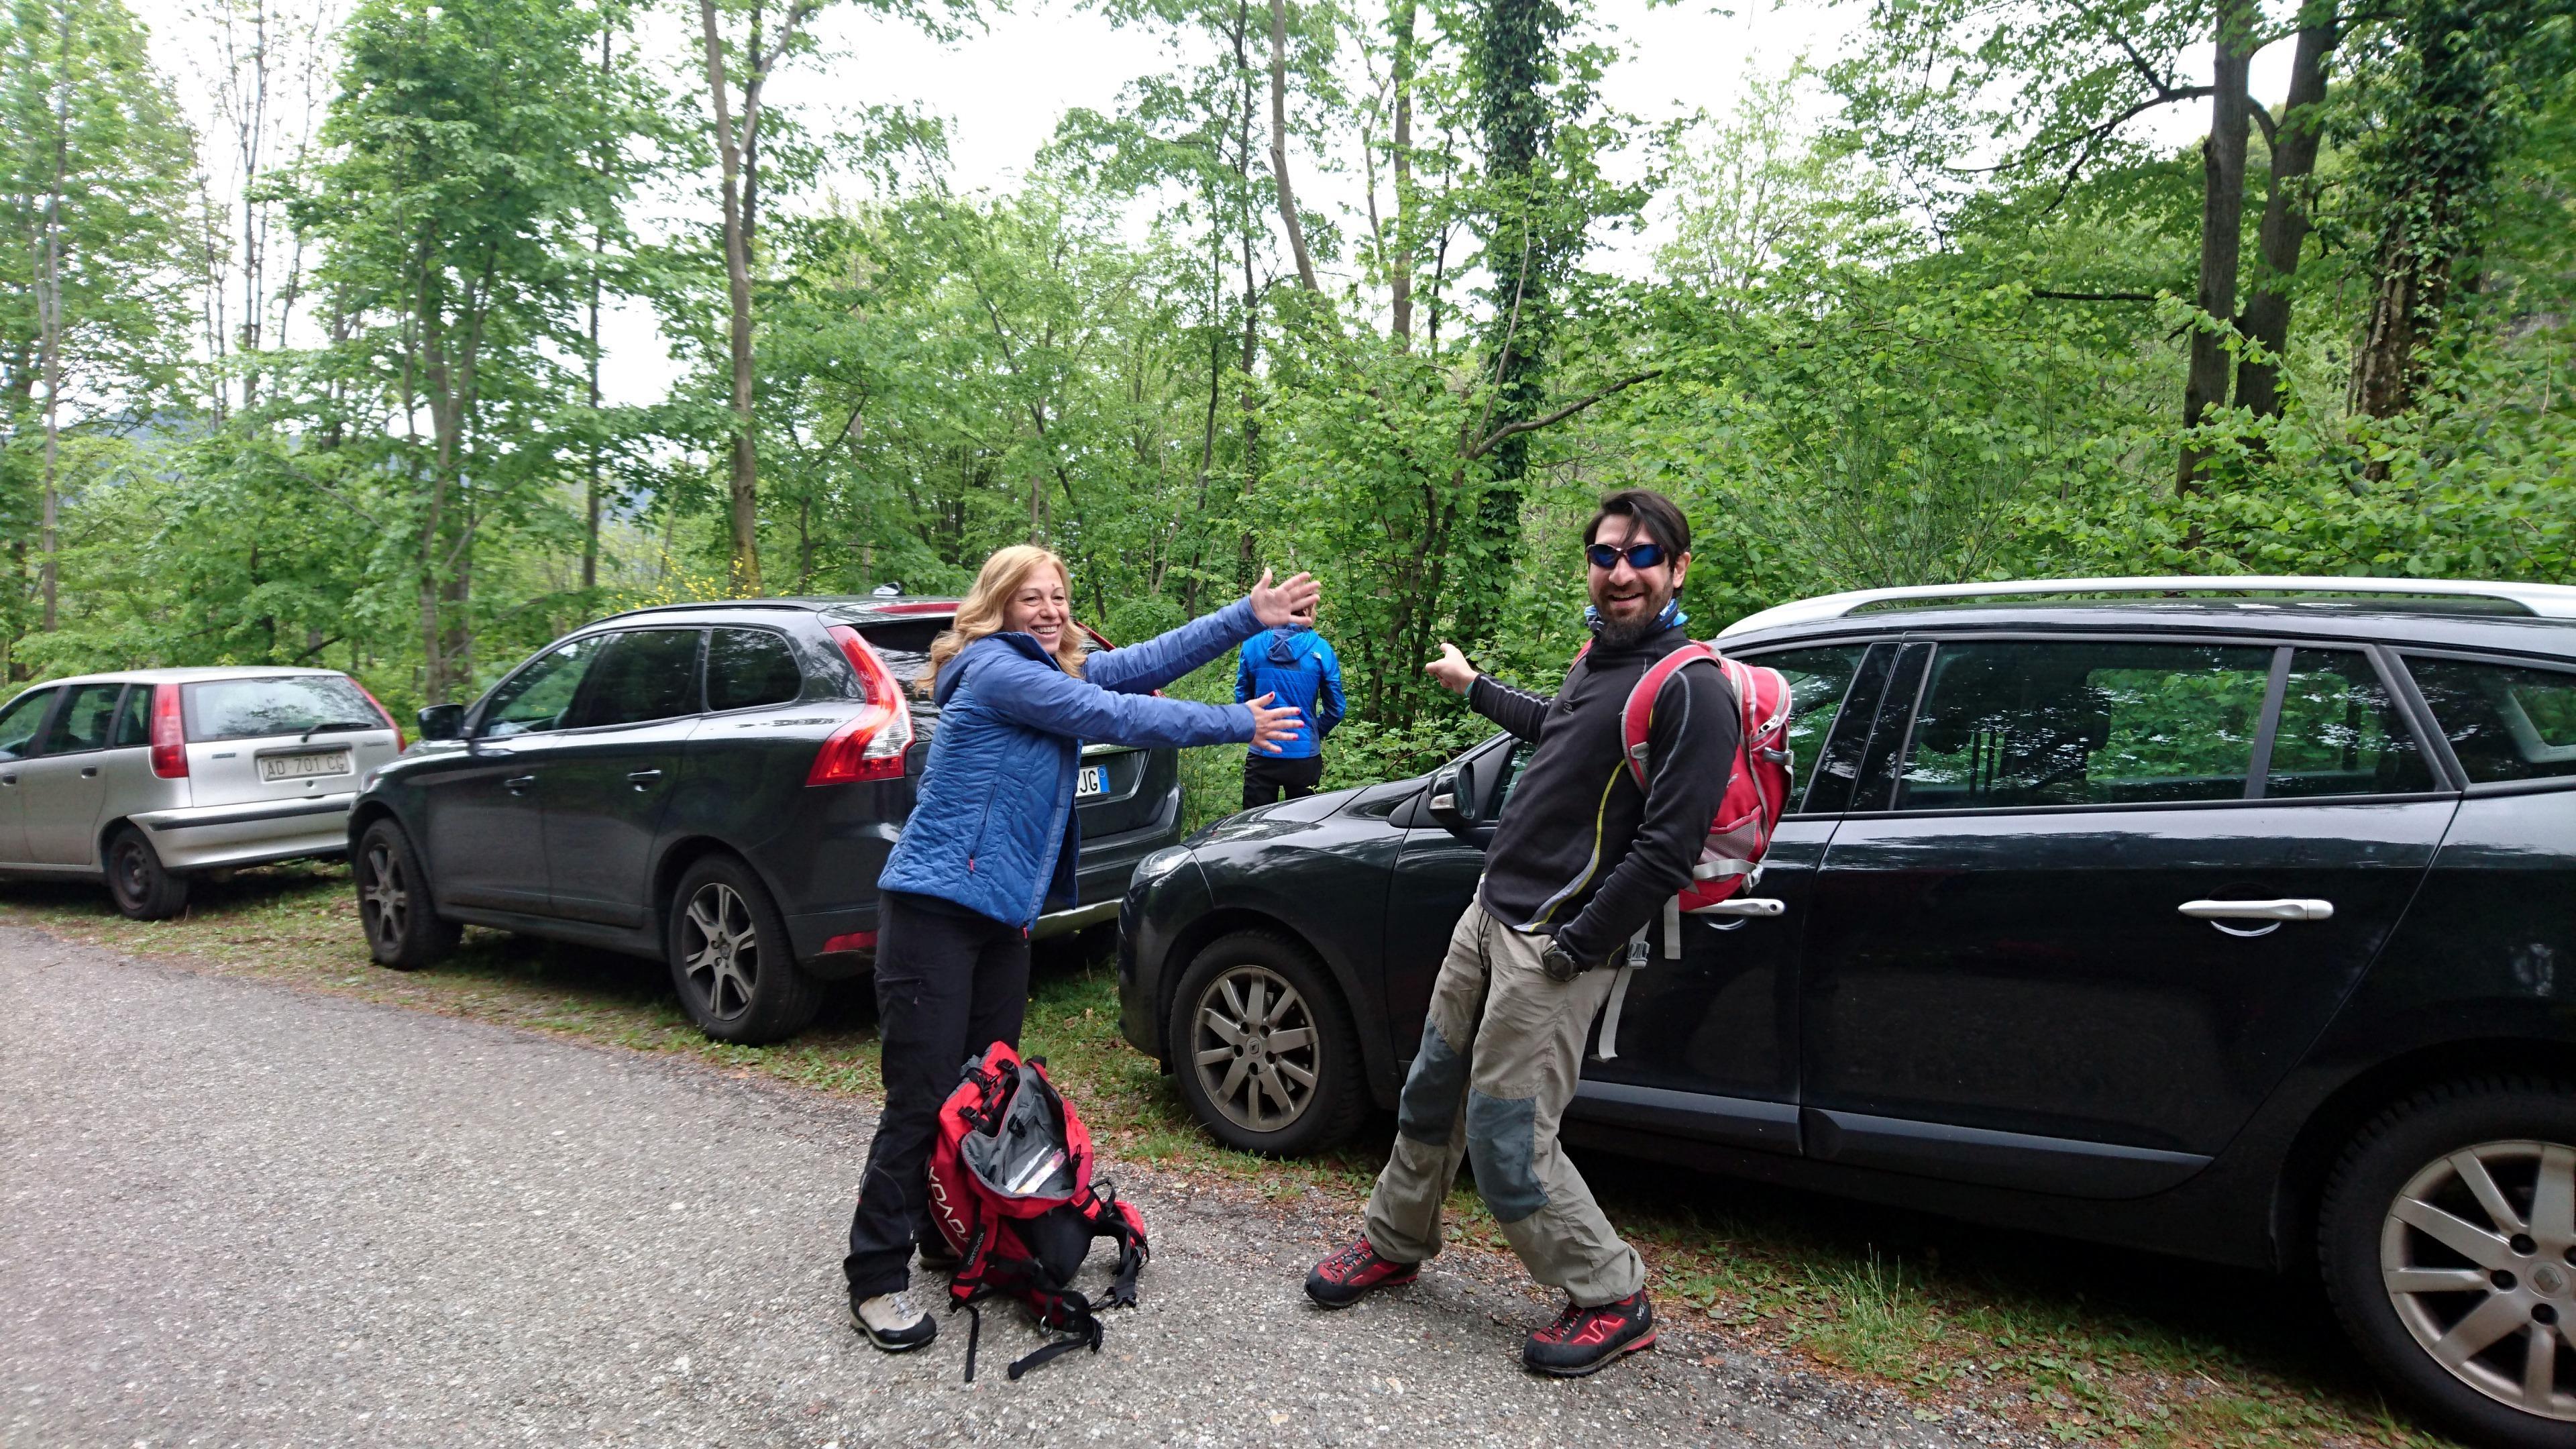 Luca viene censurato mentre esplica i suoi bisogni dietro la macchina